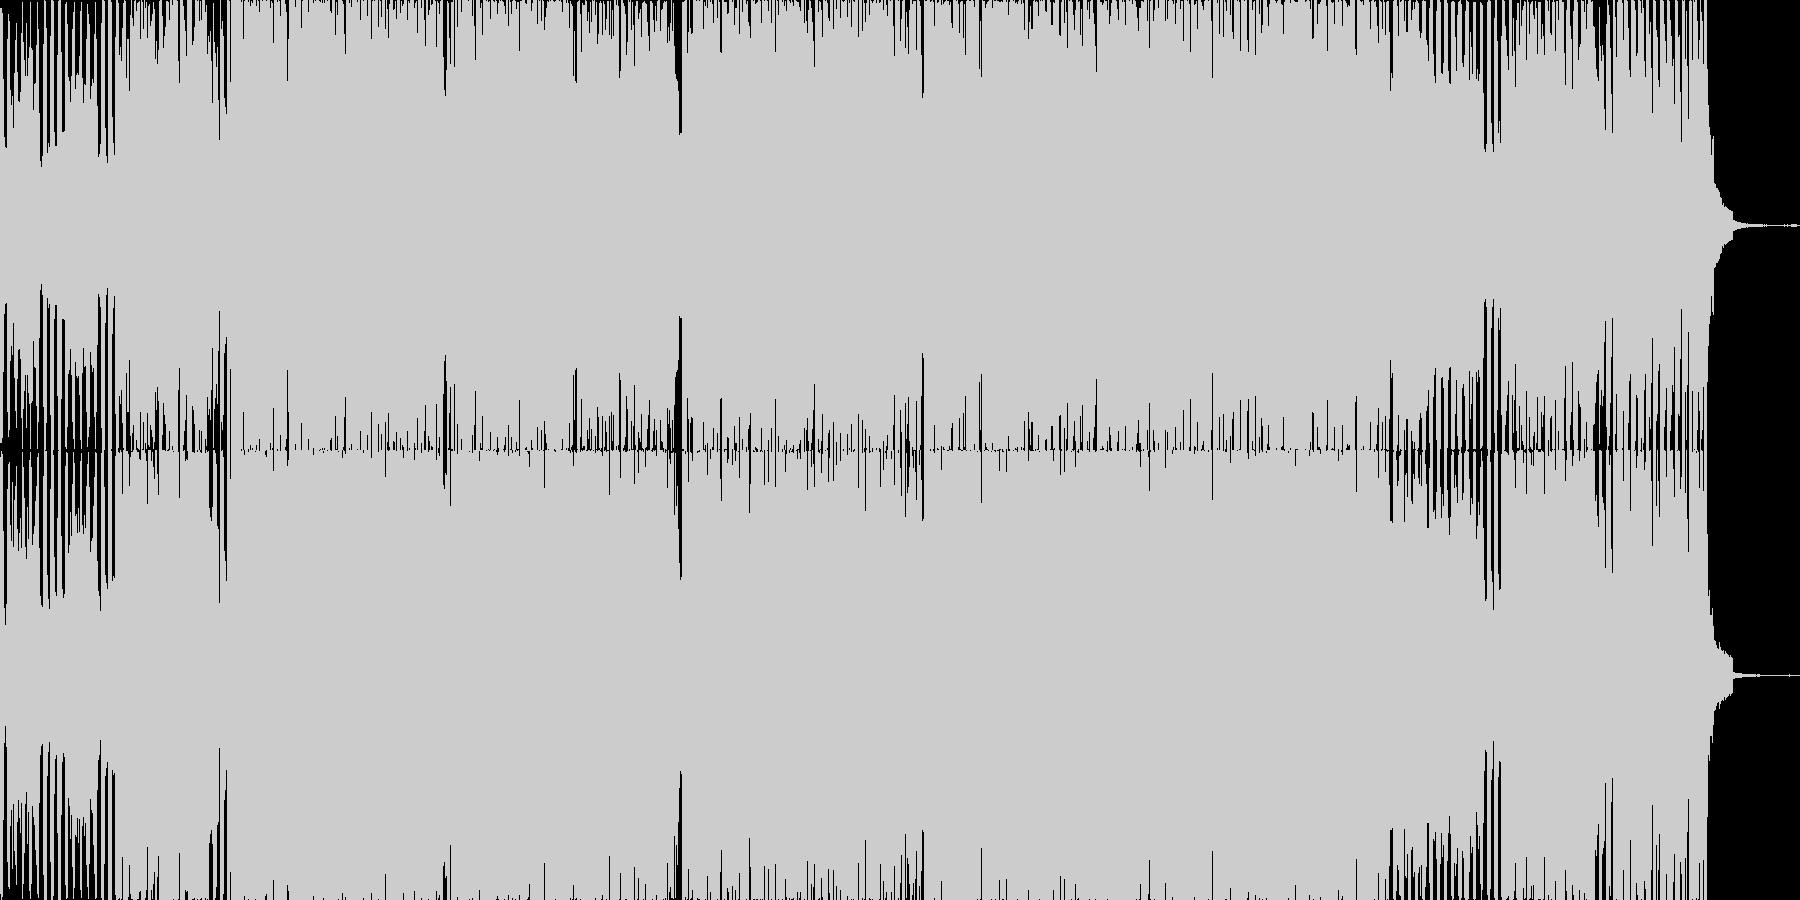 約1分半のスペース系トランスオリジナルの未再生の波形